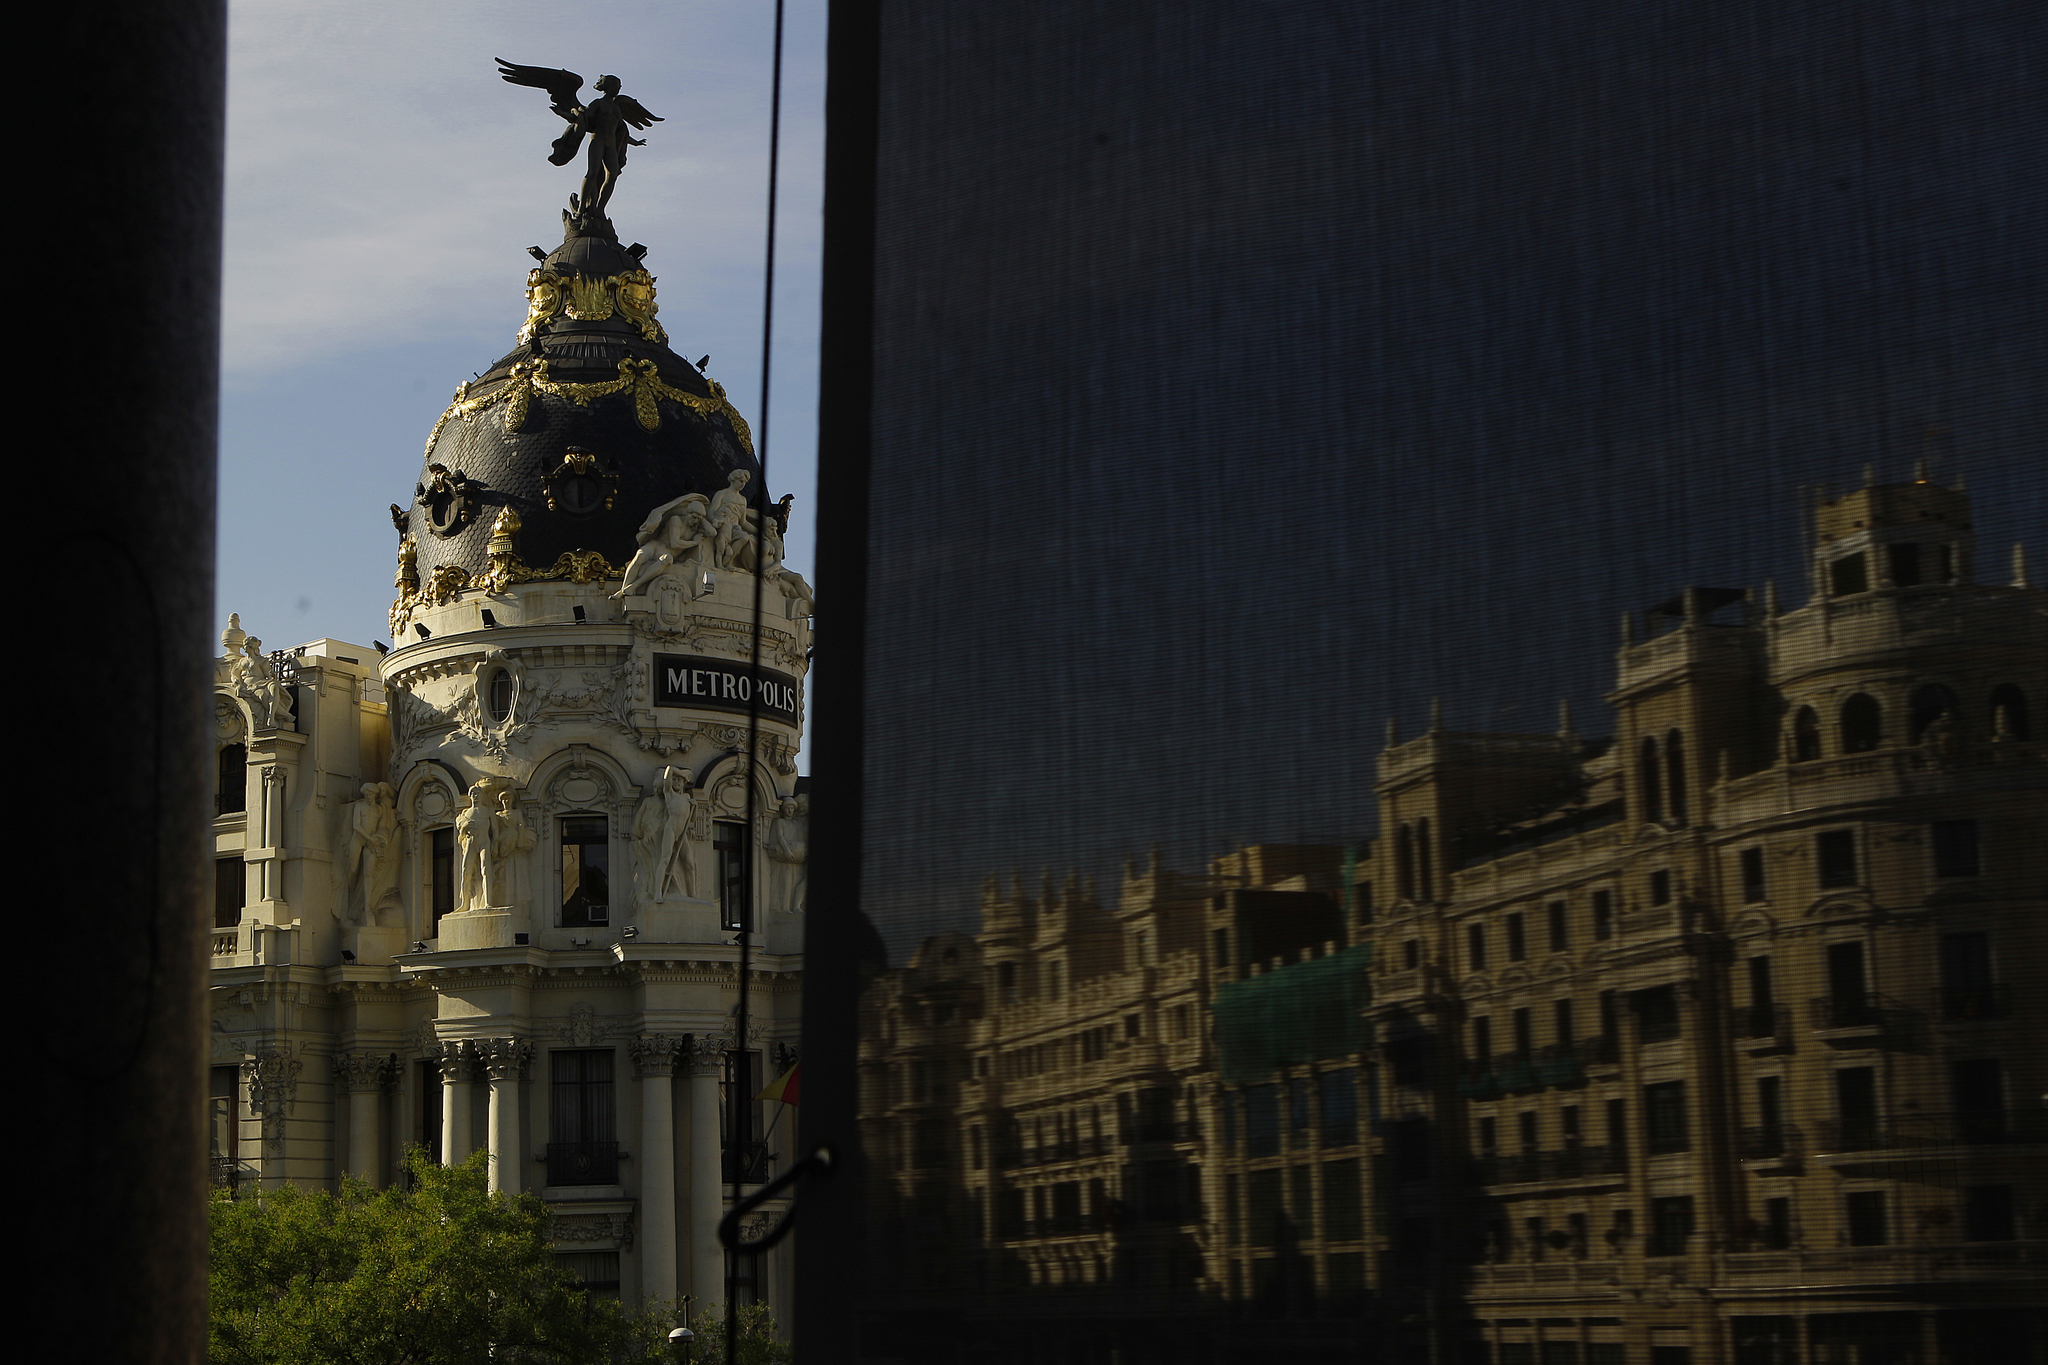 Cupula del edificio Metropolis, en la esquina de las calles Alcalá y Gran Vía, en Madrid..